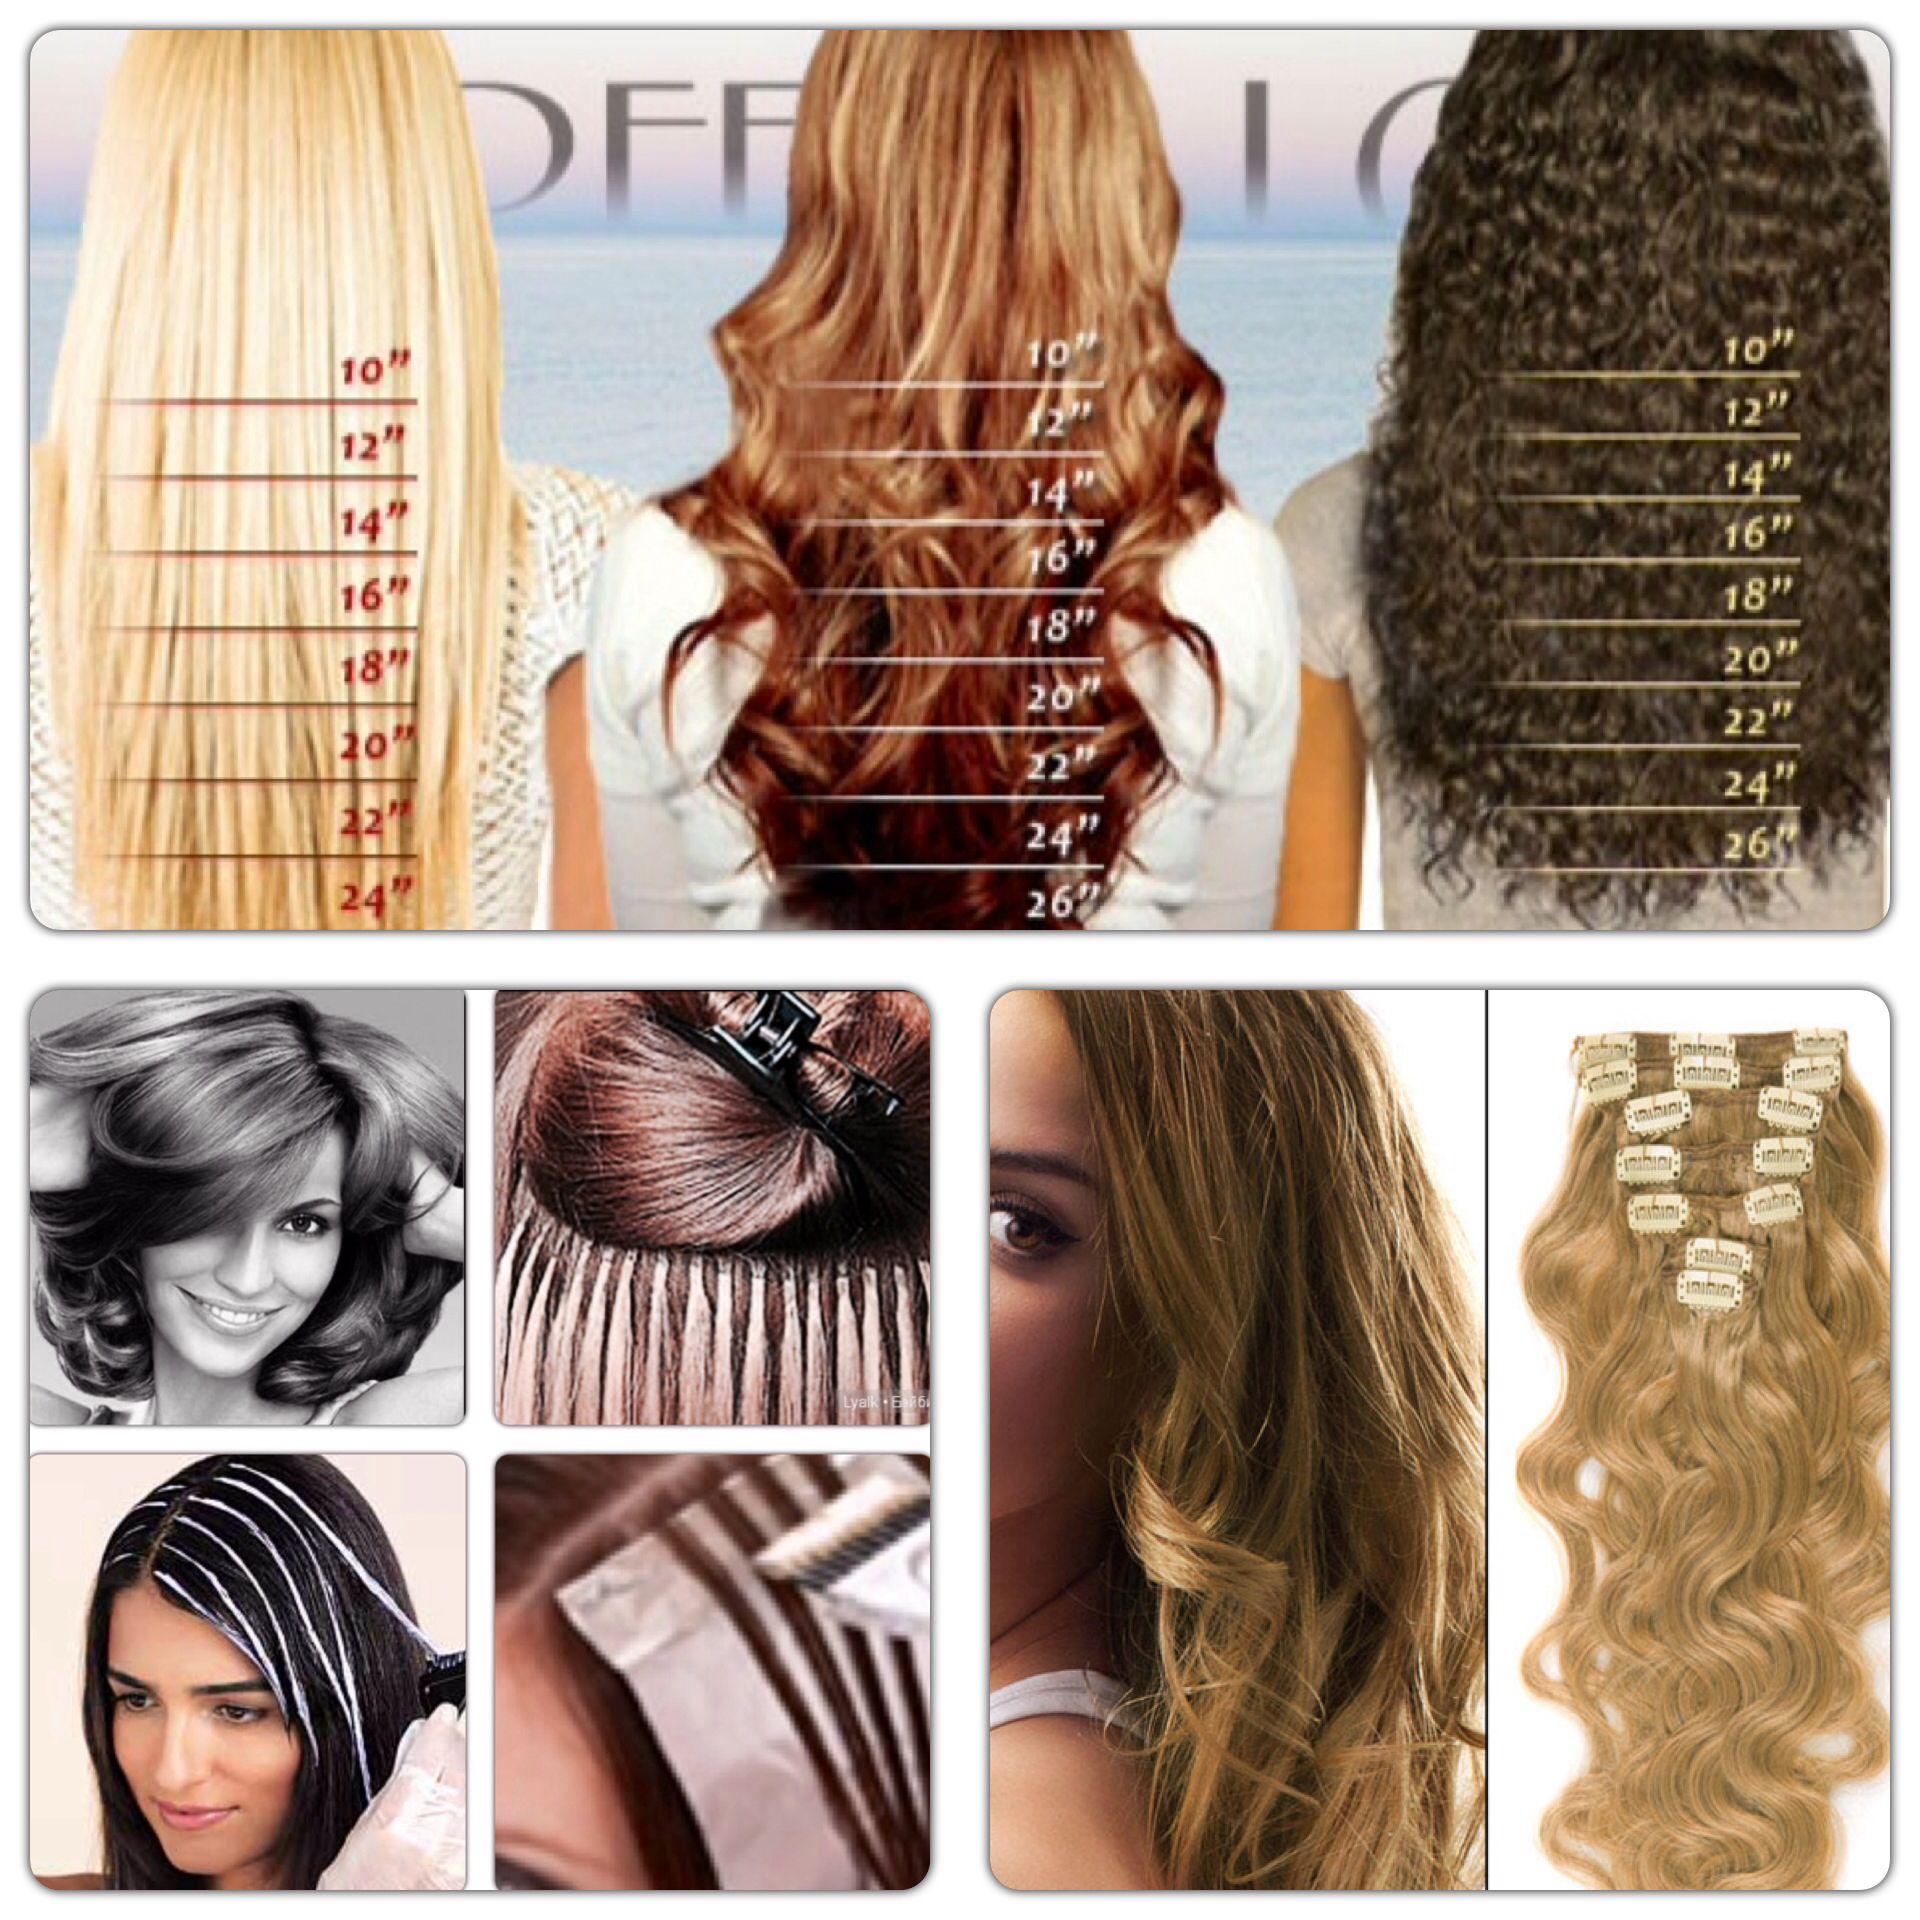 hair extensions fashion hair, hair extensions, hair products